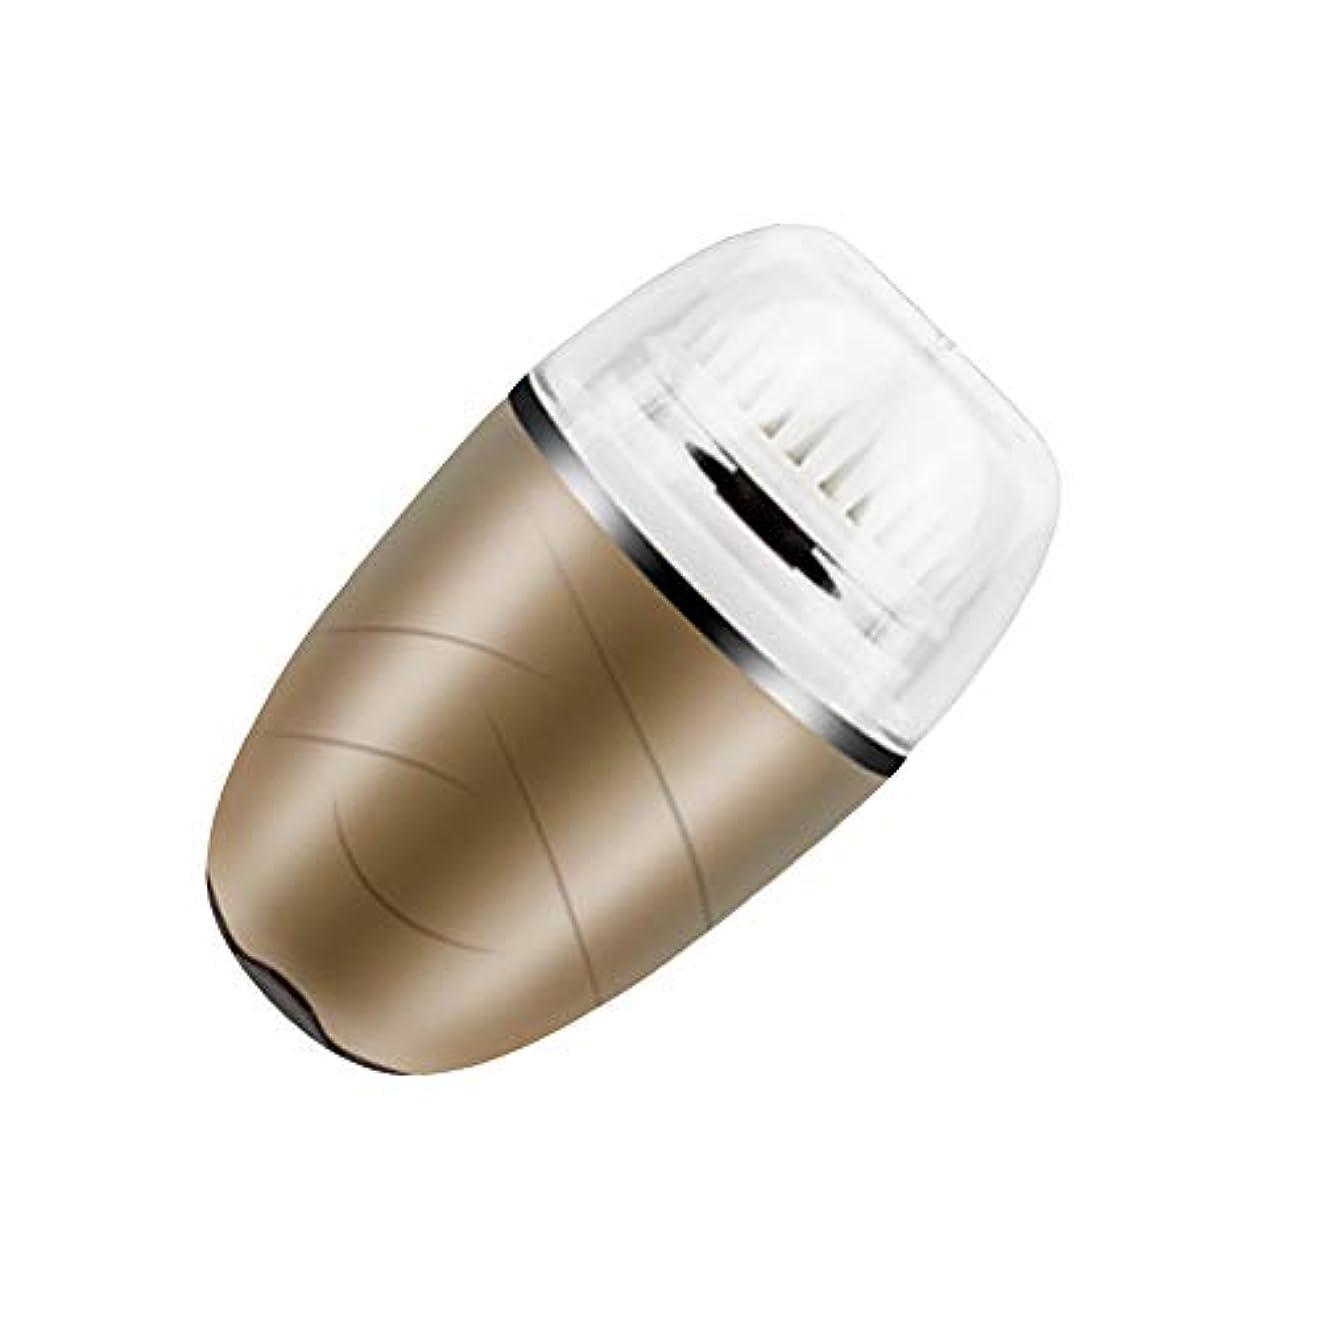 強化する嫌悪手術洗顔ブラシ、電動ソニックフェイスブラシ振動顔クレンジングシステム防水ブラシにきびエクスフォリエーター USB 充電式,Gold